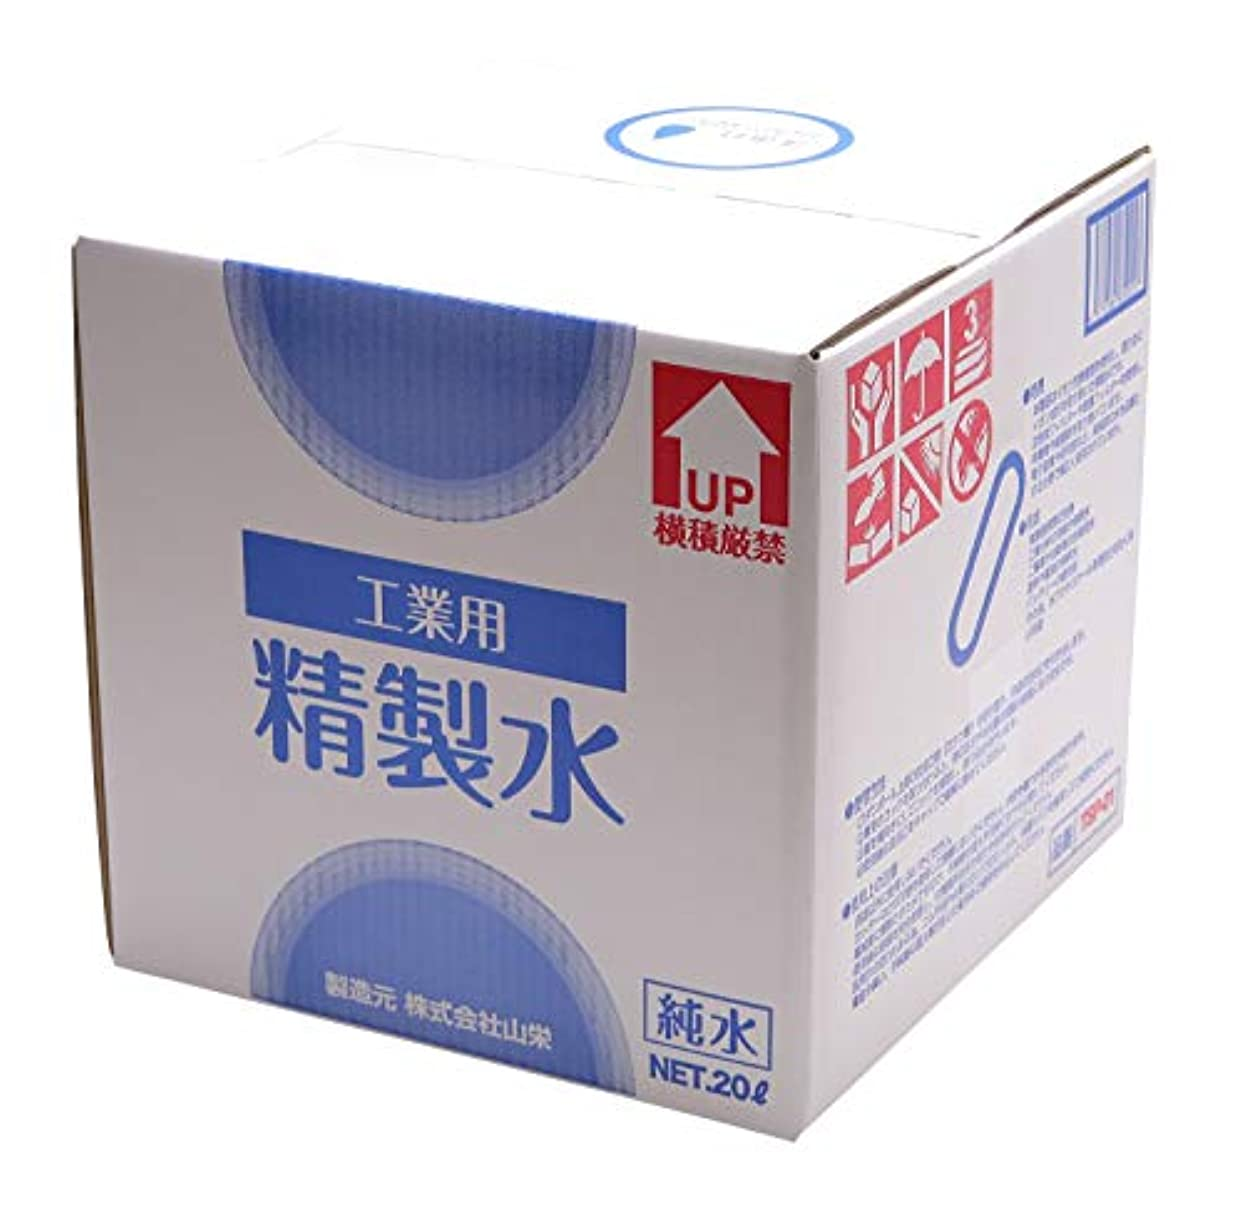 見捨てる可能にする学校教育サンエイ化学 工業用精製水 純水 20L×1箱 コックなし 【スチーマー 加湿器 オートクレーブ エステ 美容 歯科】